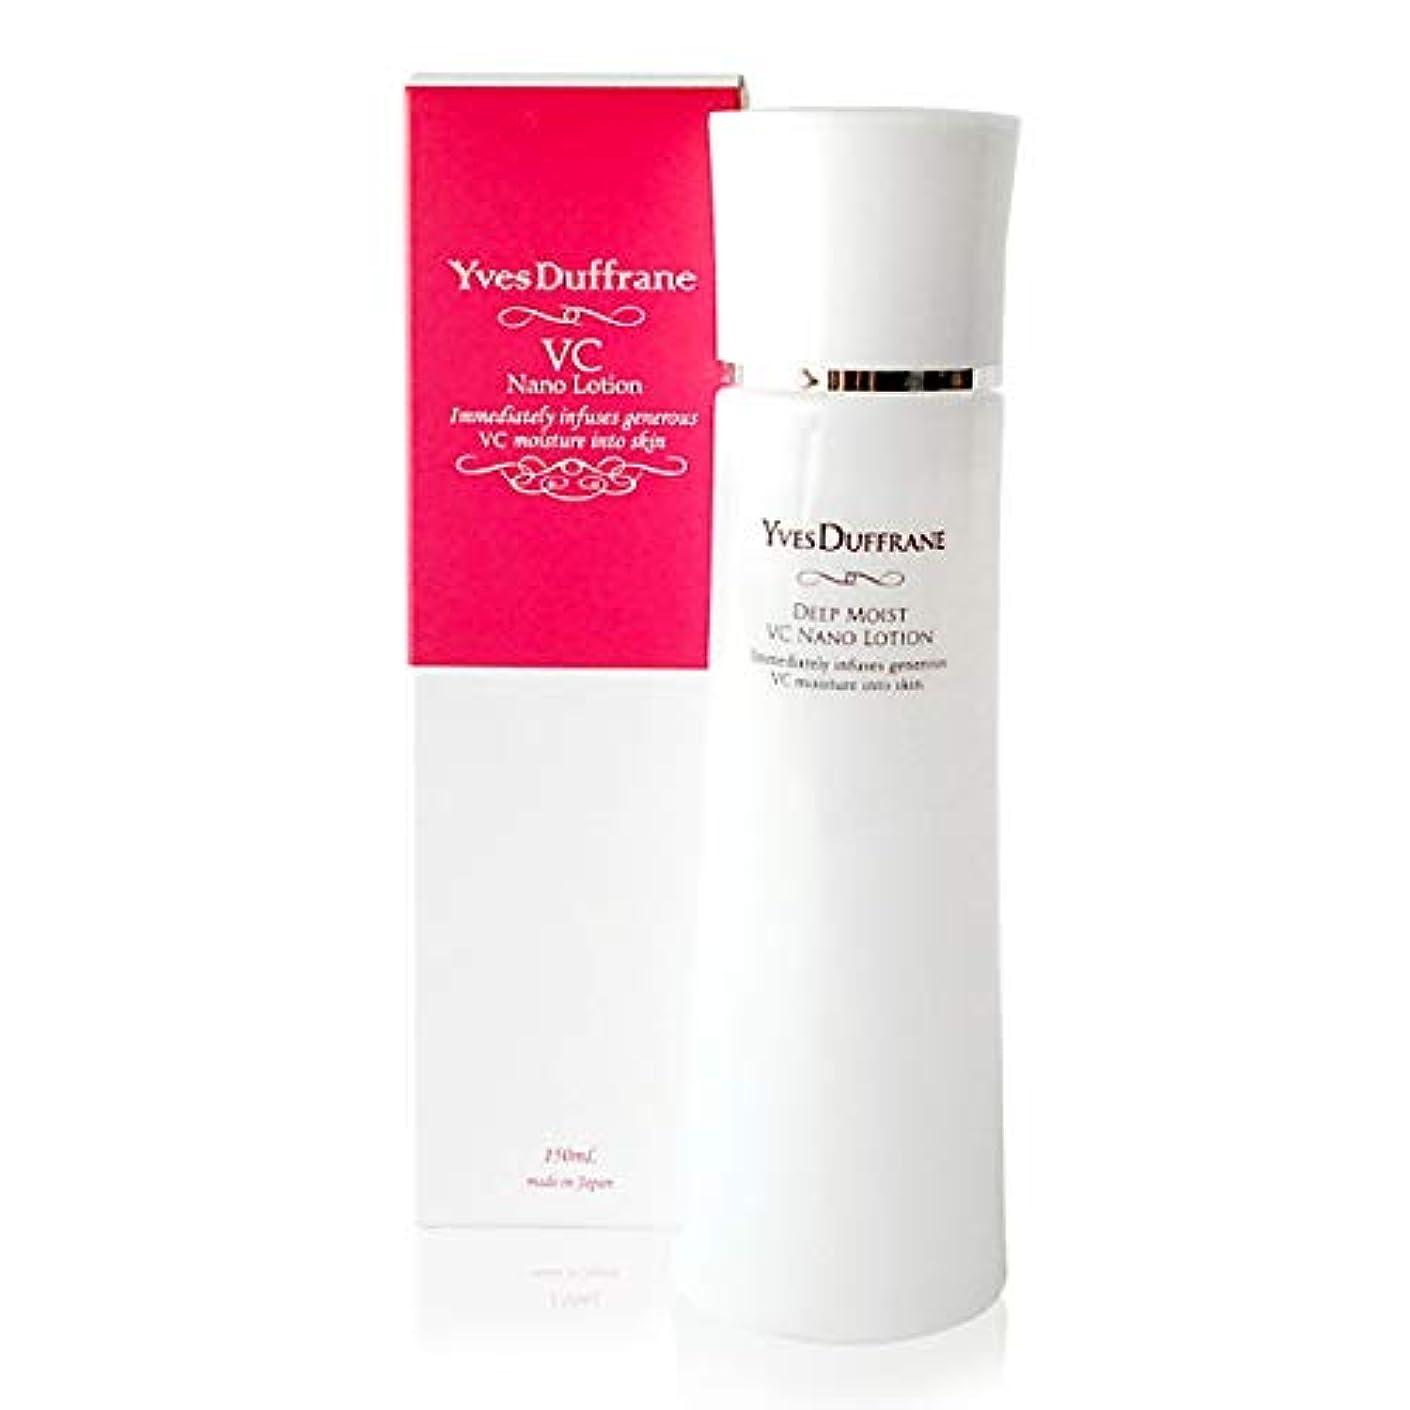 大人垂直変数ビタミンC誘導体 ナノ 化粧水 | VC ナノ化粧水 | 高保湿 乾燥 毛穴 敏感肌 メンズ OK